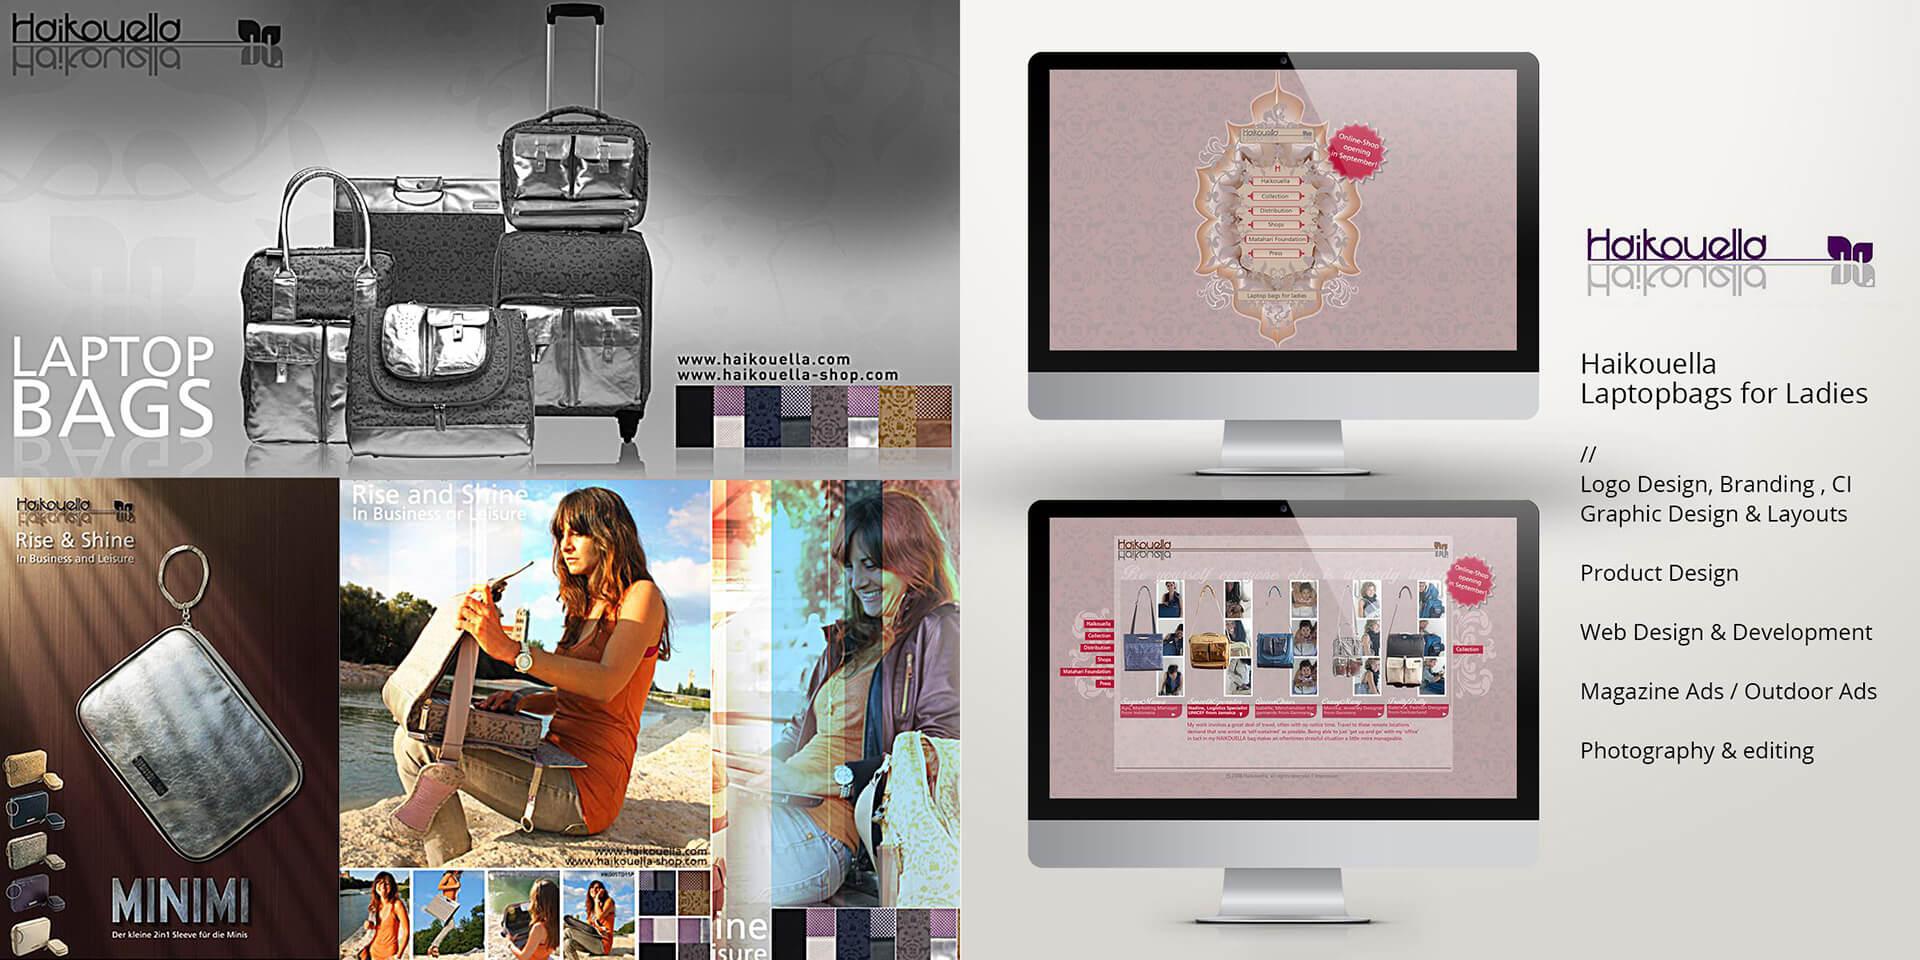 webdesign branding logo corporate design geschaeftsausstattung ci corporate identitiy 5